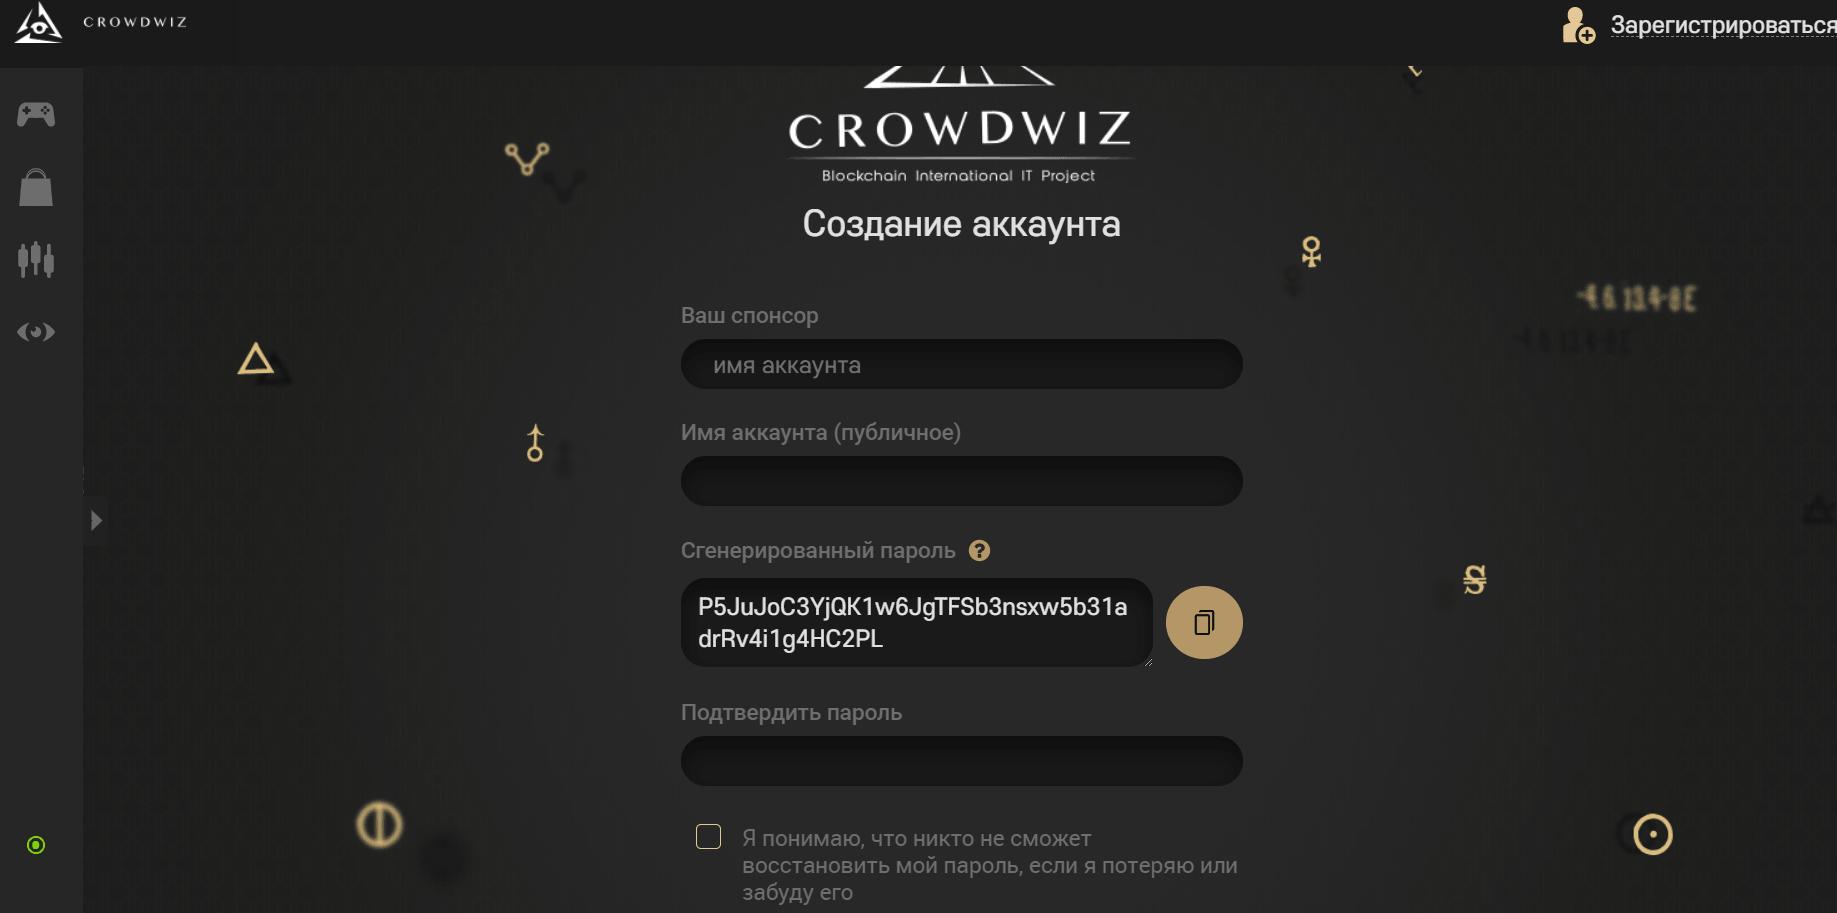 Вся информация о CrowdWiz, Фото № 3 - 1-consult.net